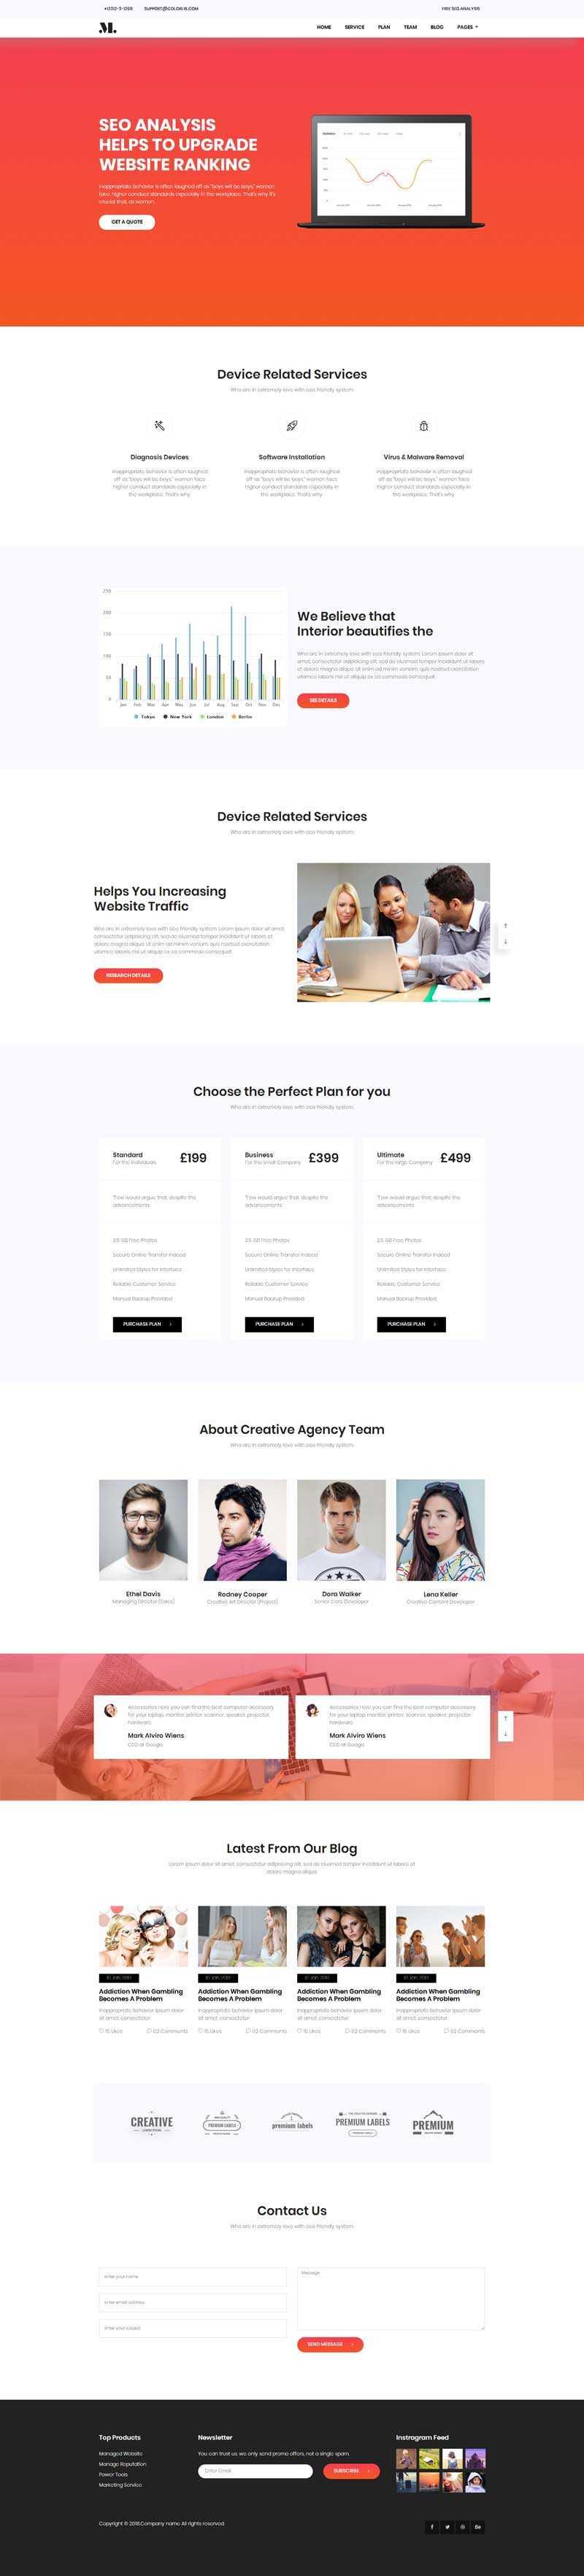 简洁的seo优化服务介绍企业单页模板